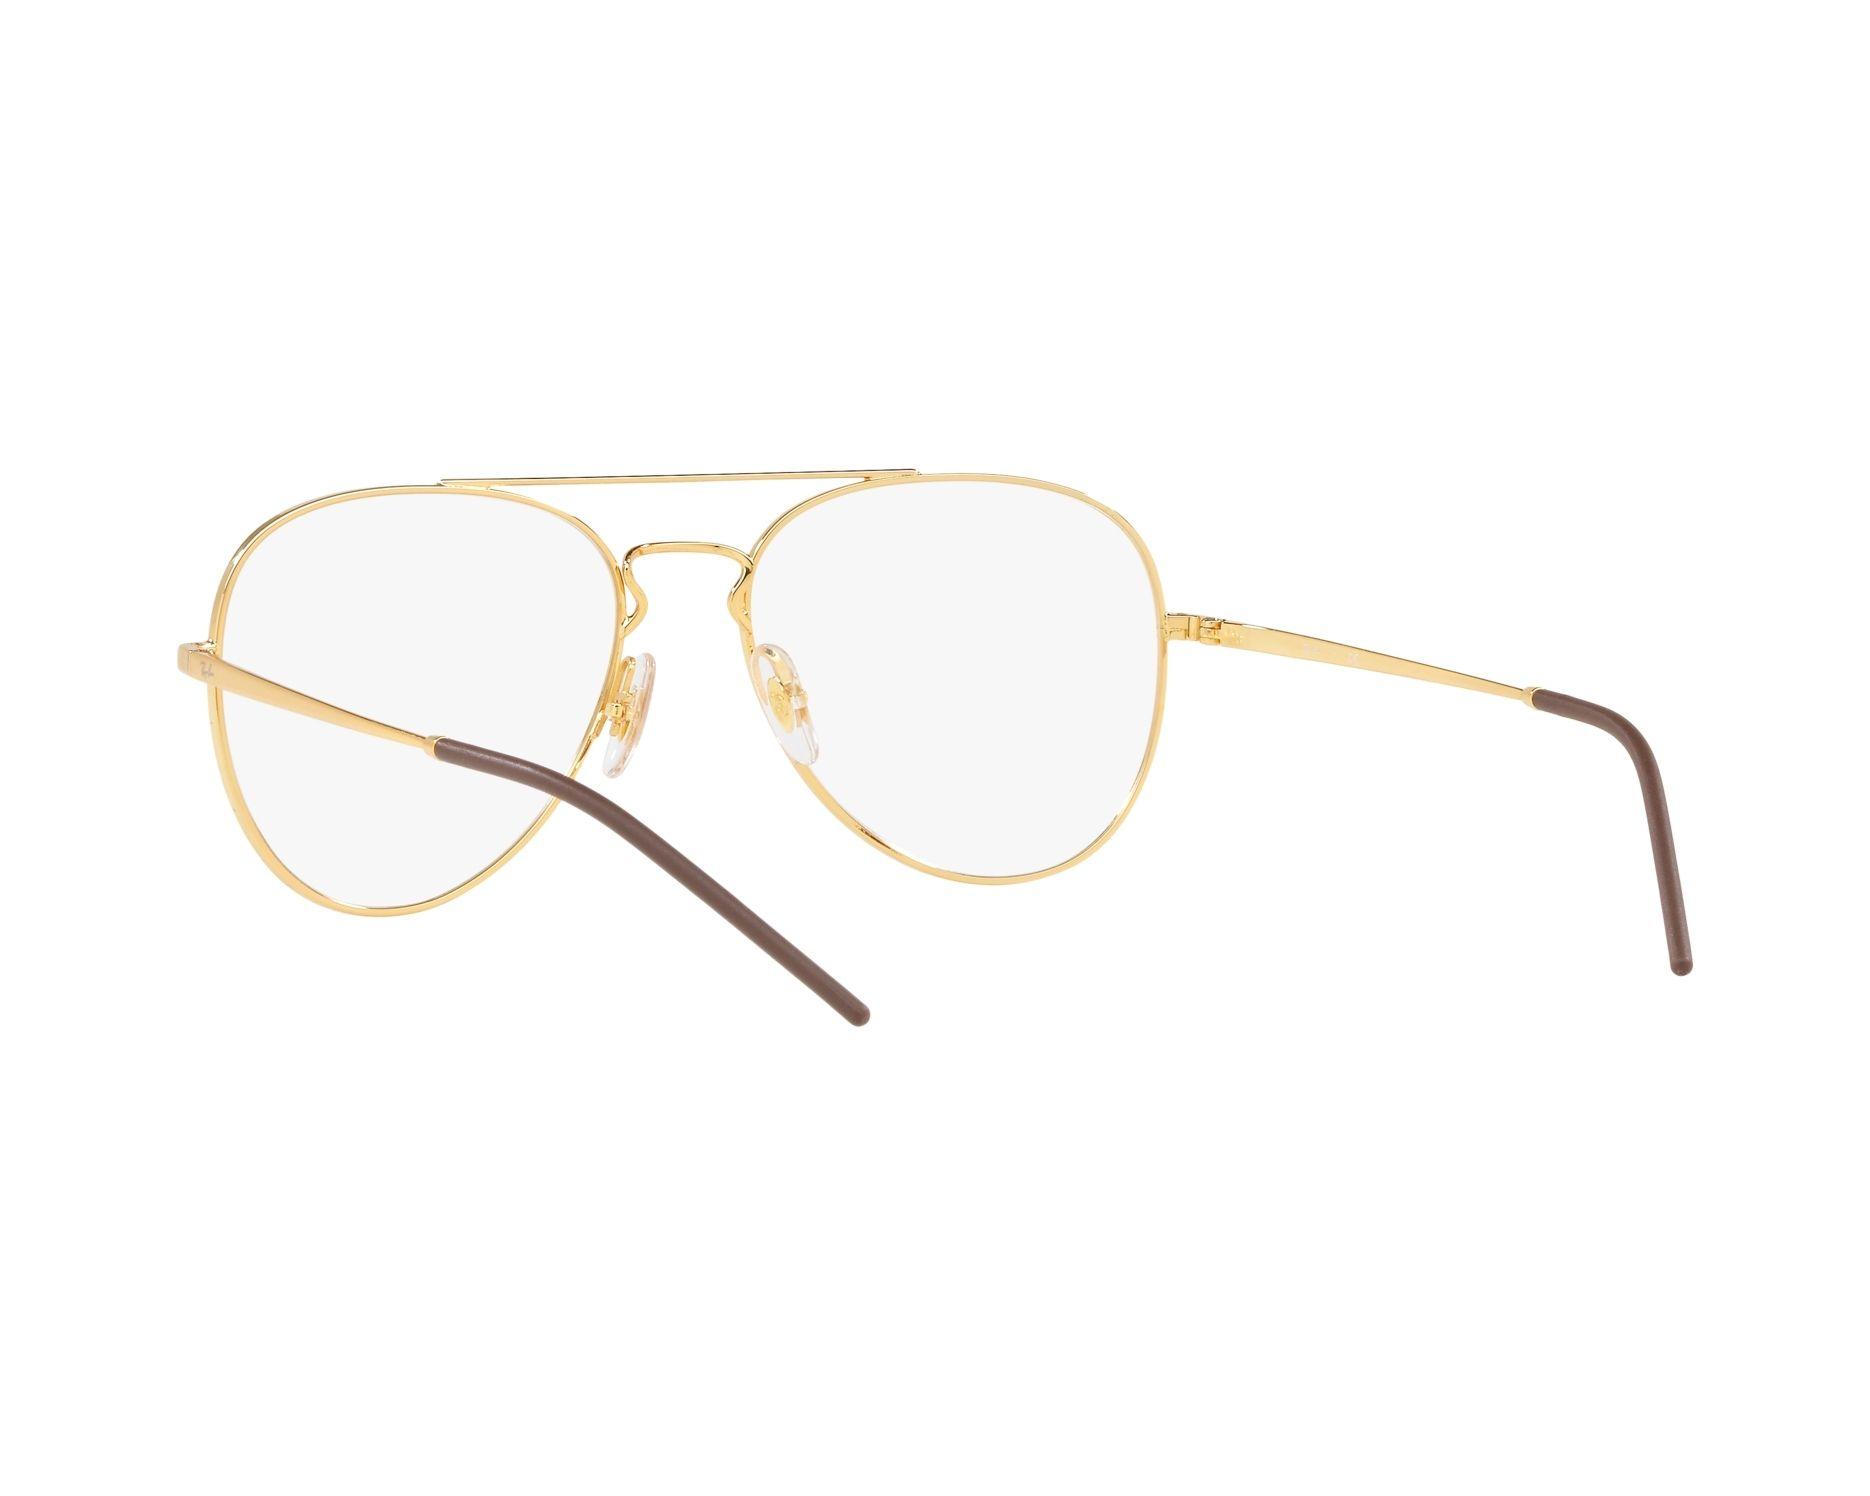 7fffebcdf6e eyeglasses Ray-Ban RX-6413 2500 54-17 Gold 360 degree view 6